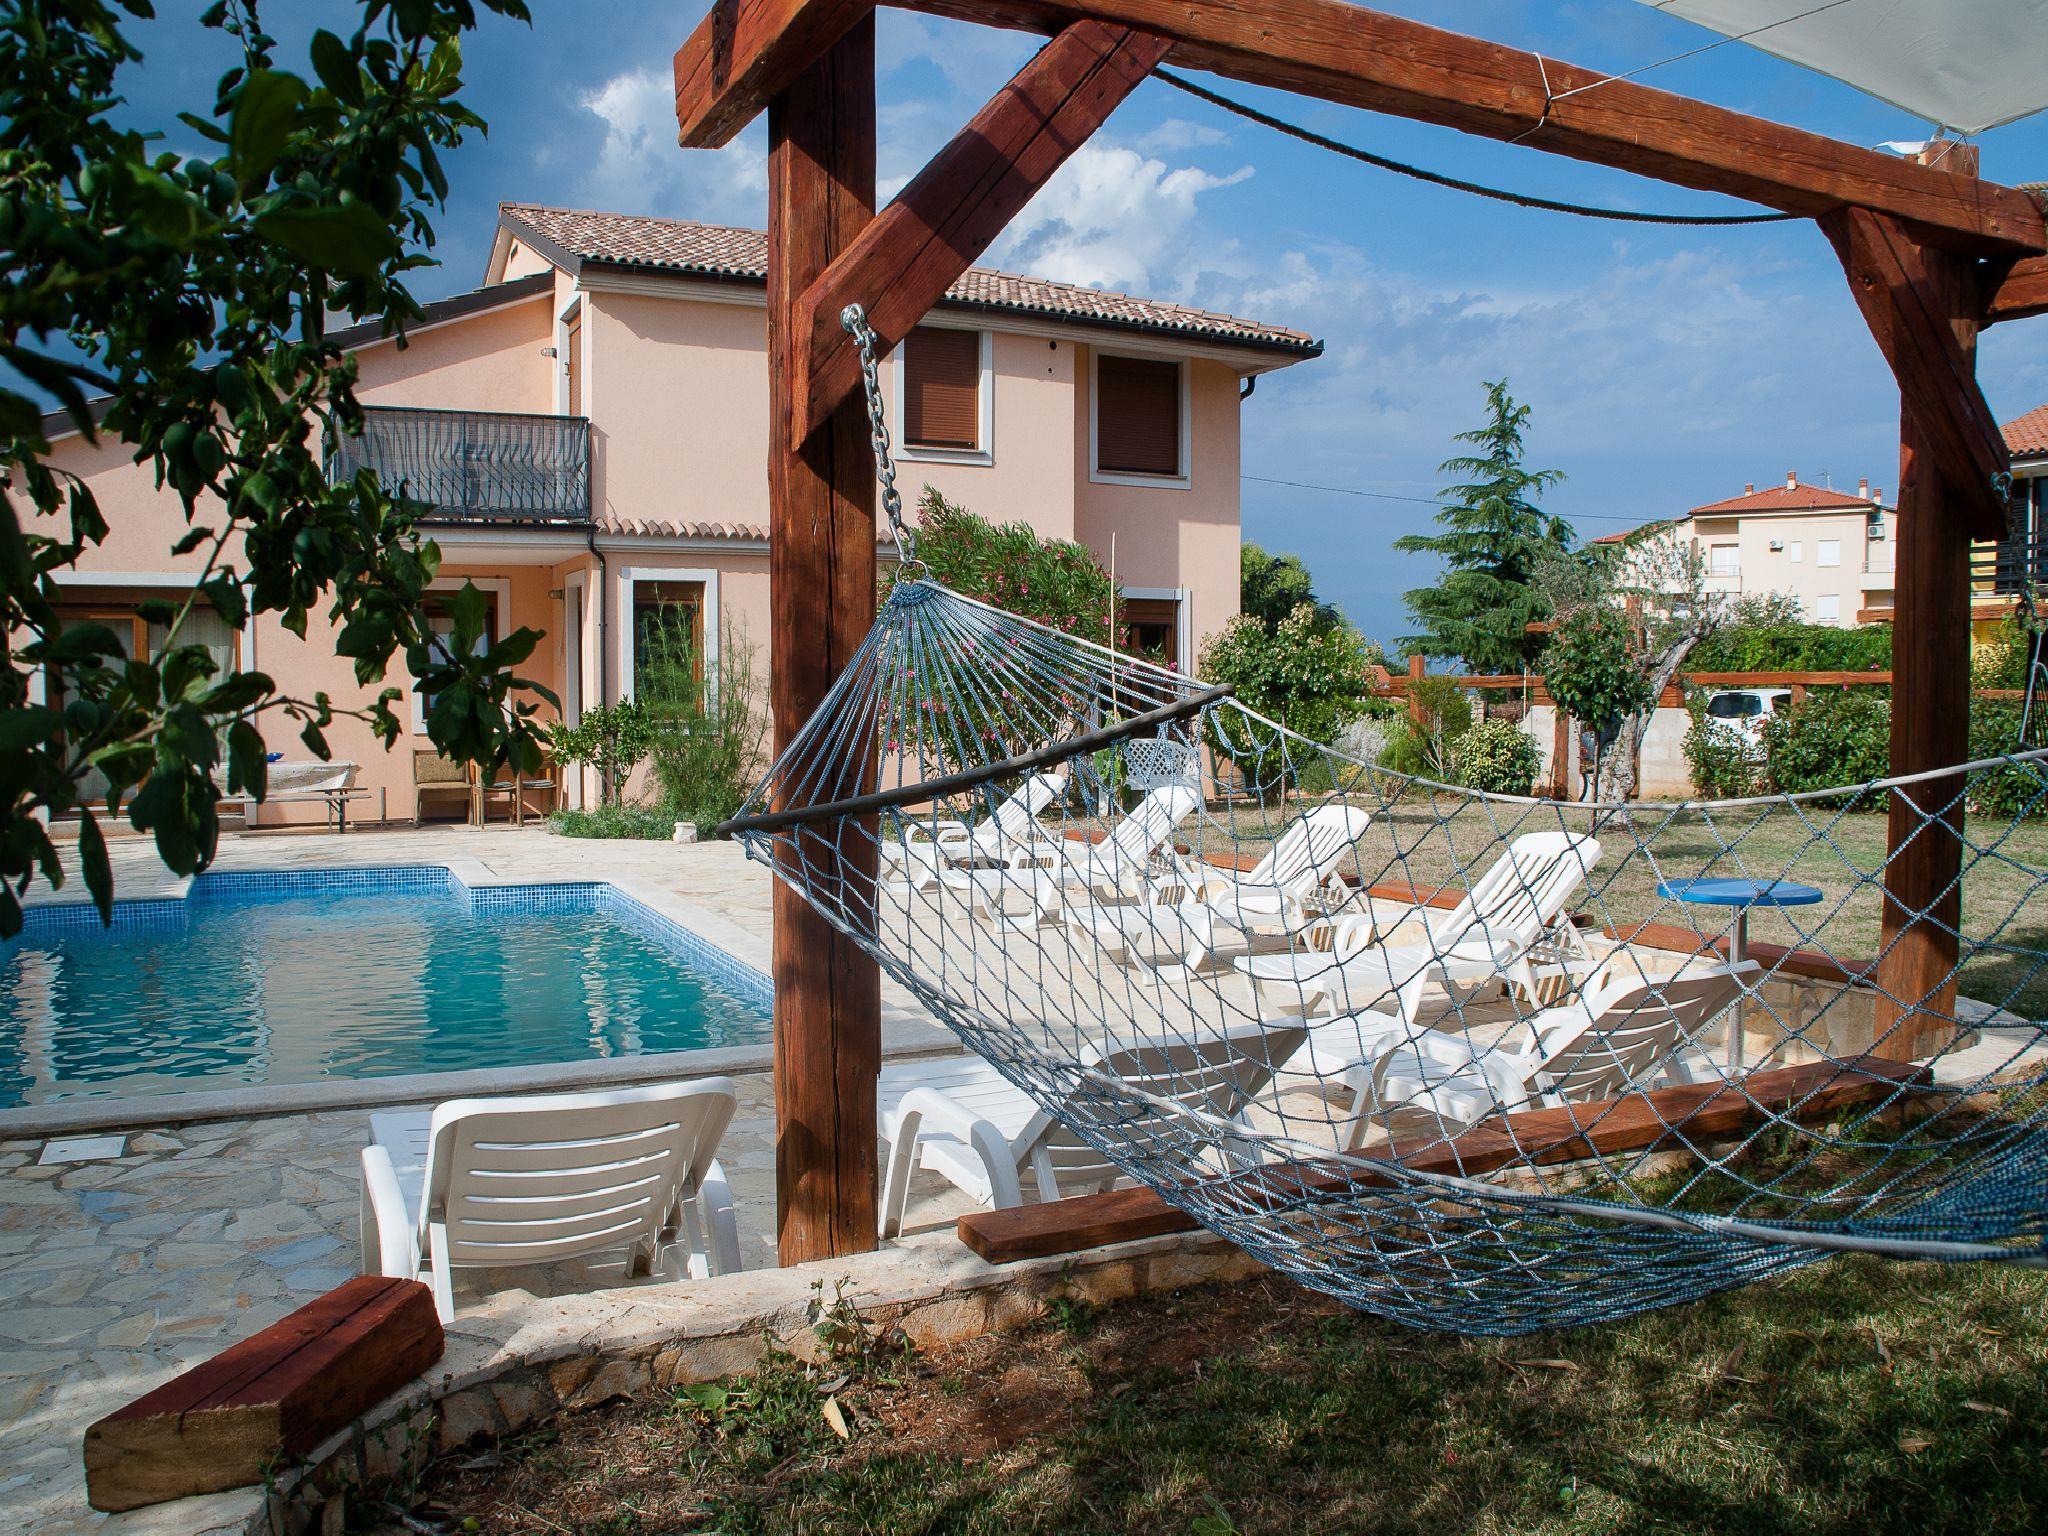 Ferienwohnung Apartments Maya / Two bedroom Apartment White A1 (1740092), Medulin, , Istrien, Kroatien, Bild 1